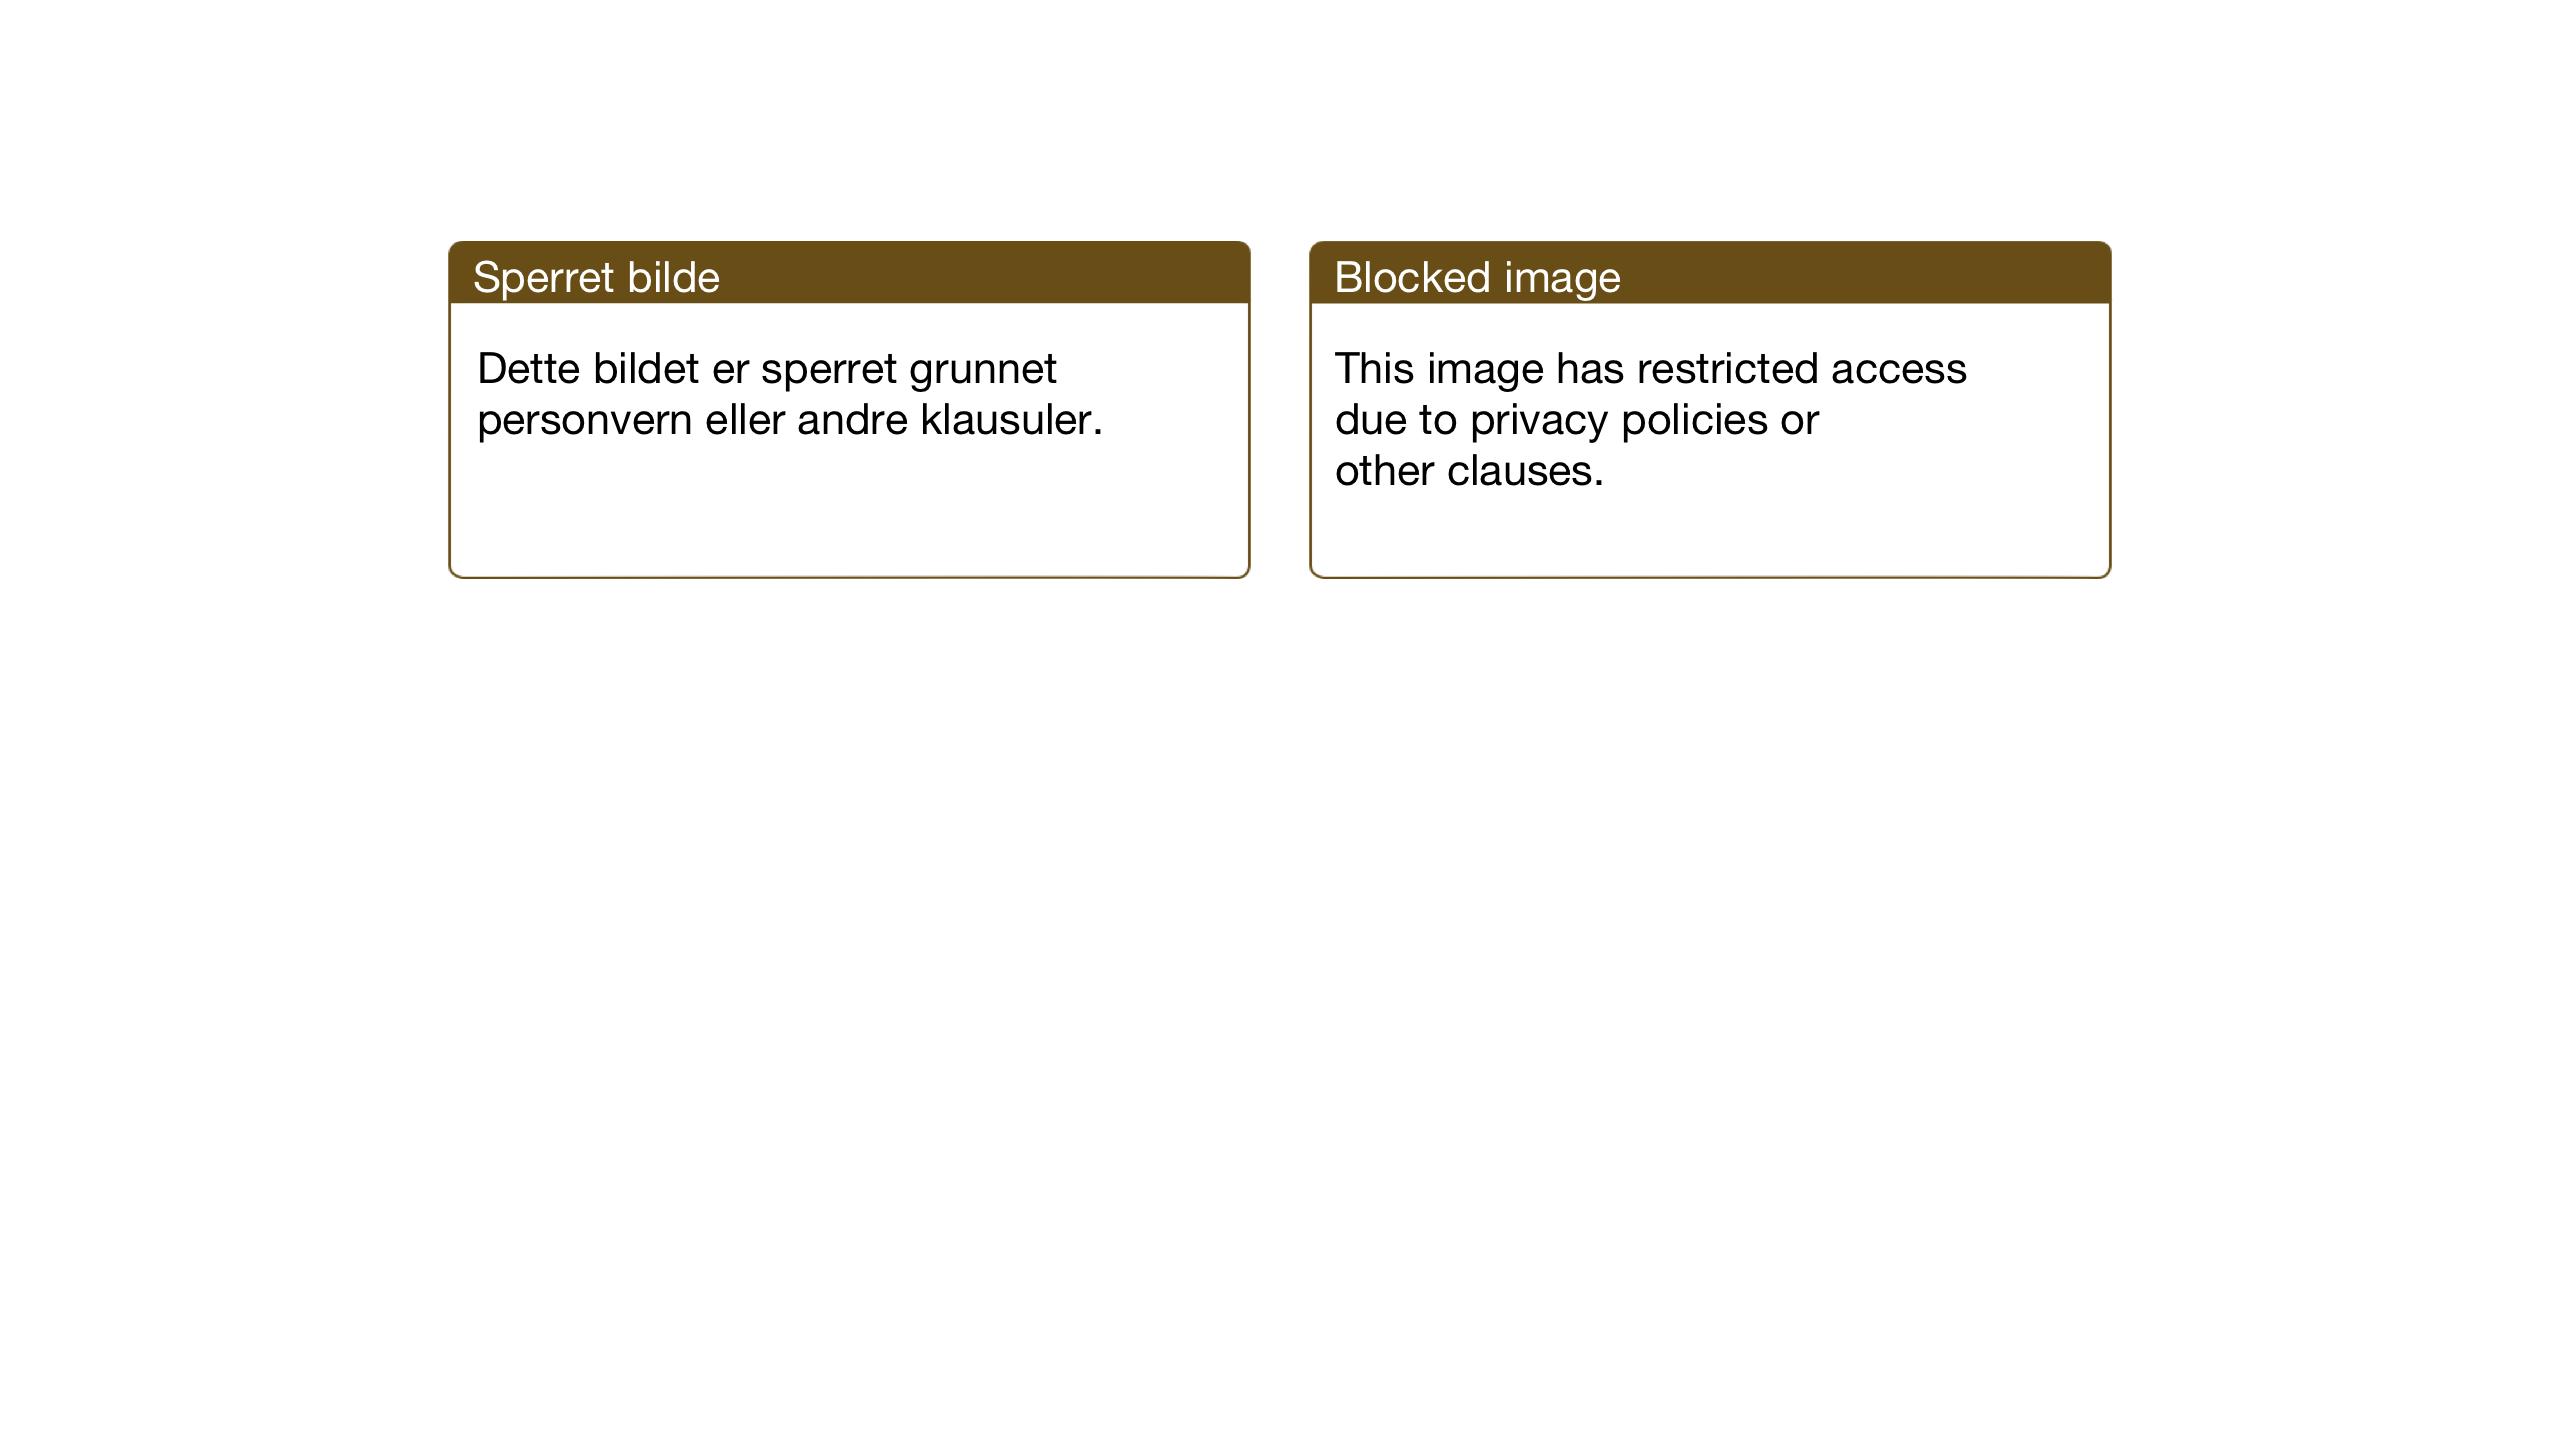 SAT, Ministerialprotokoller, klokkerbøker og fødselsregistre - Nord-Trøndelag, 746/L0456: Klokkerbok nr. 746C02, 1936-1948, s. 5